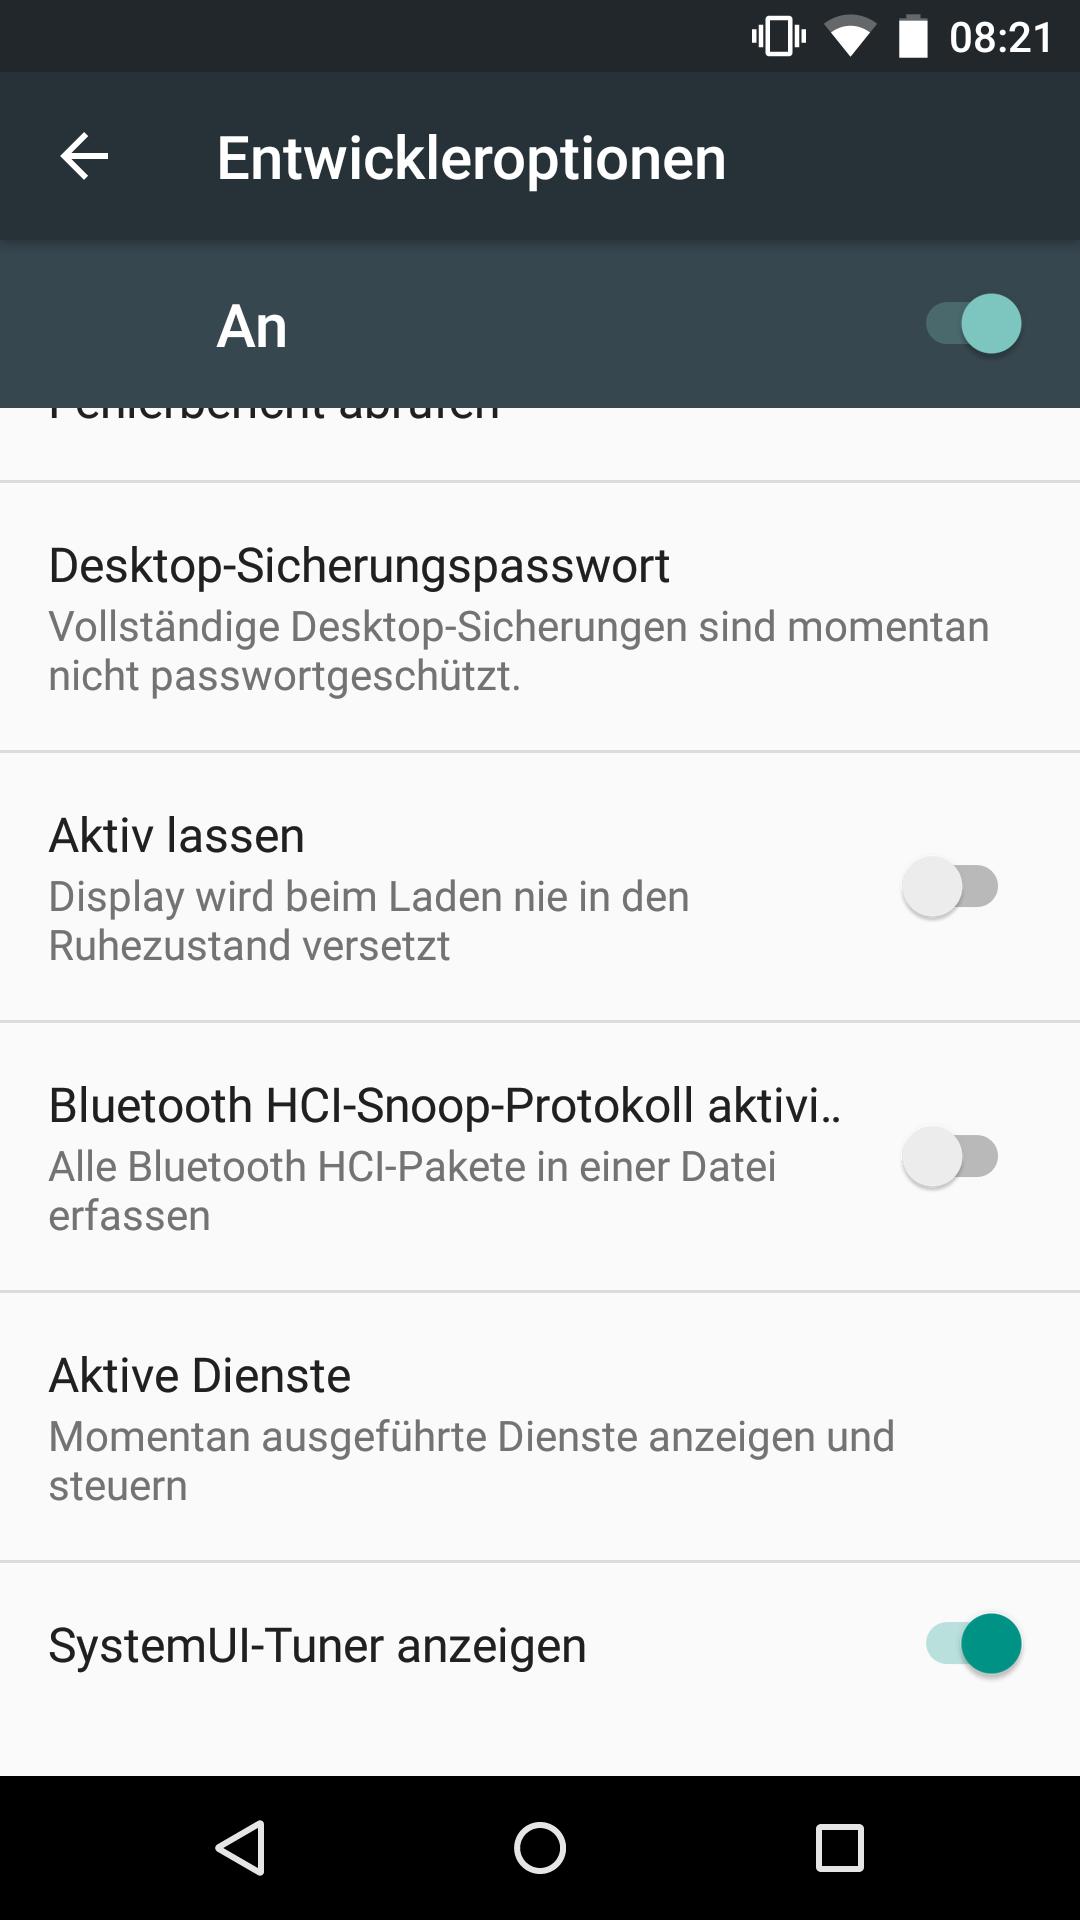 Android 6.0: Doch kein Marshmallow für erstes Nexus 7 - Der SystemUI-Tuner muss erst in den Entwickleroptionen aktiviert werden. (Screenshot: Golem.de)